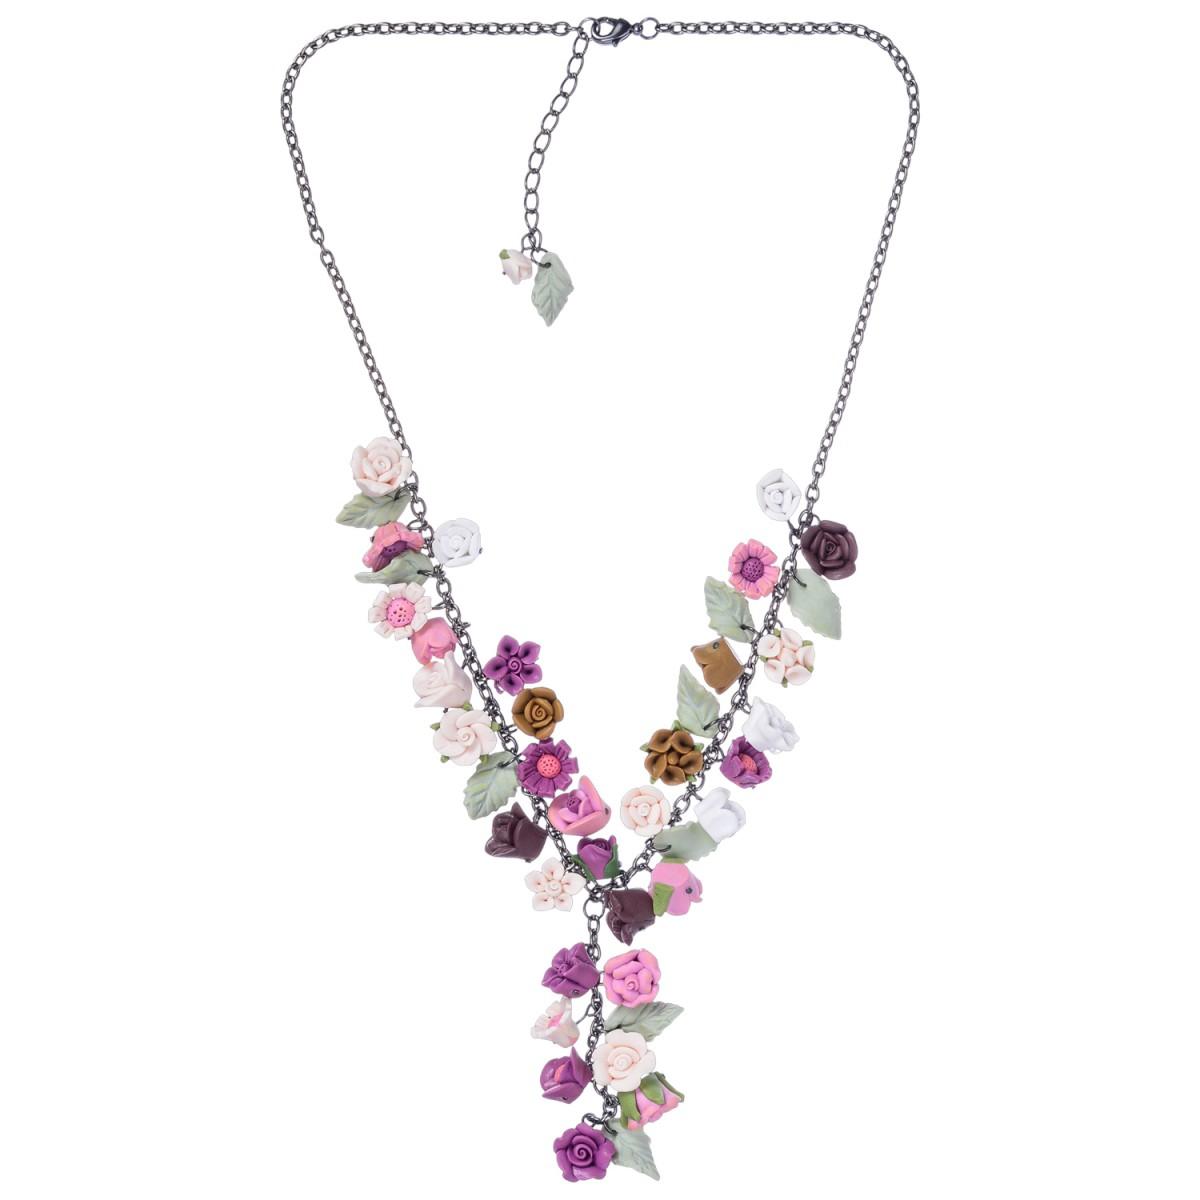 Halskette Rosenzauber von Schlick Accessoires günstig online kaufen